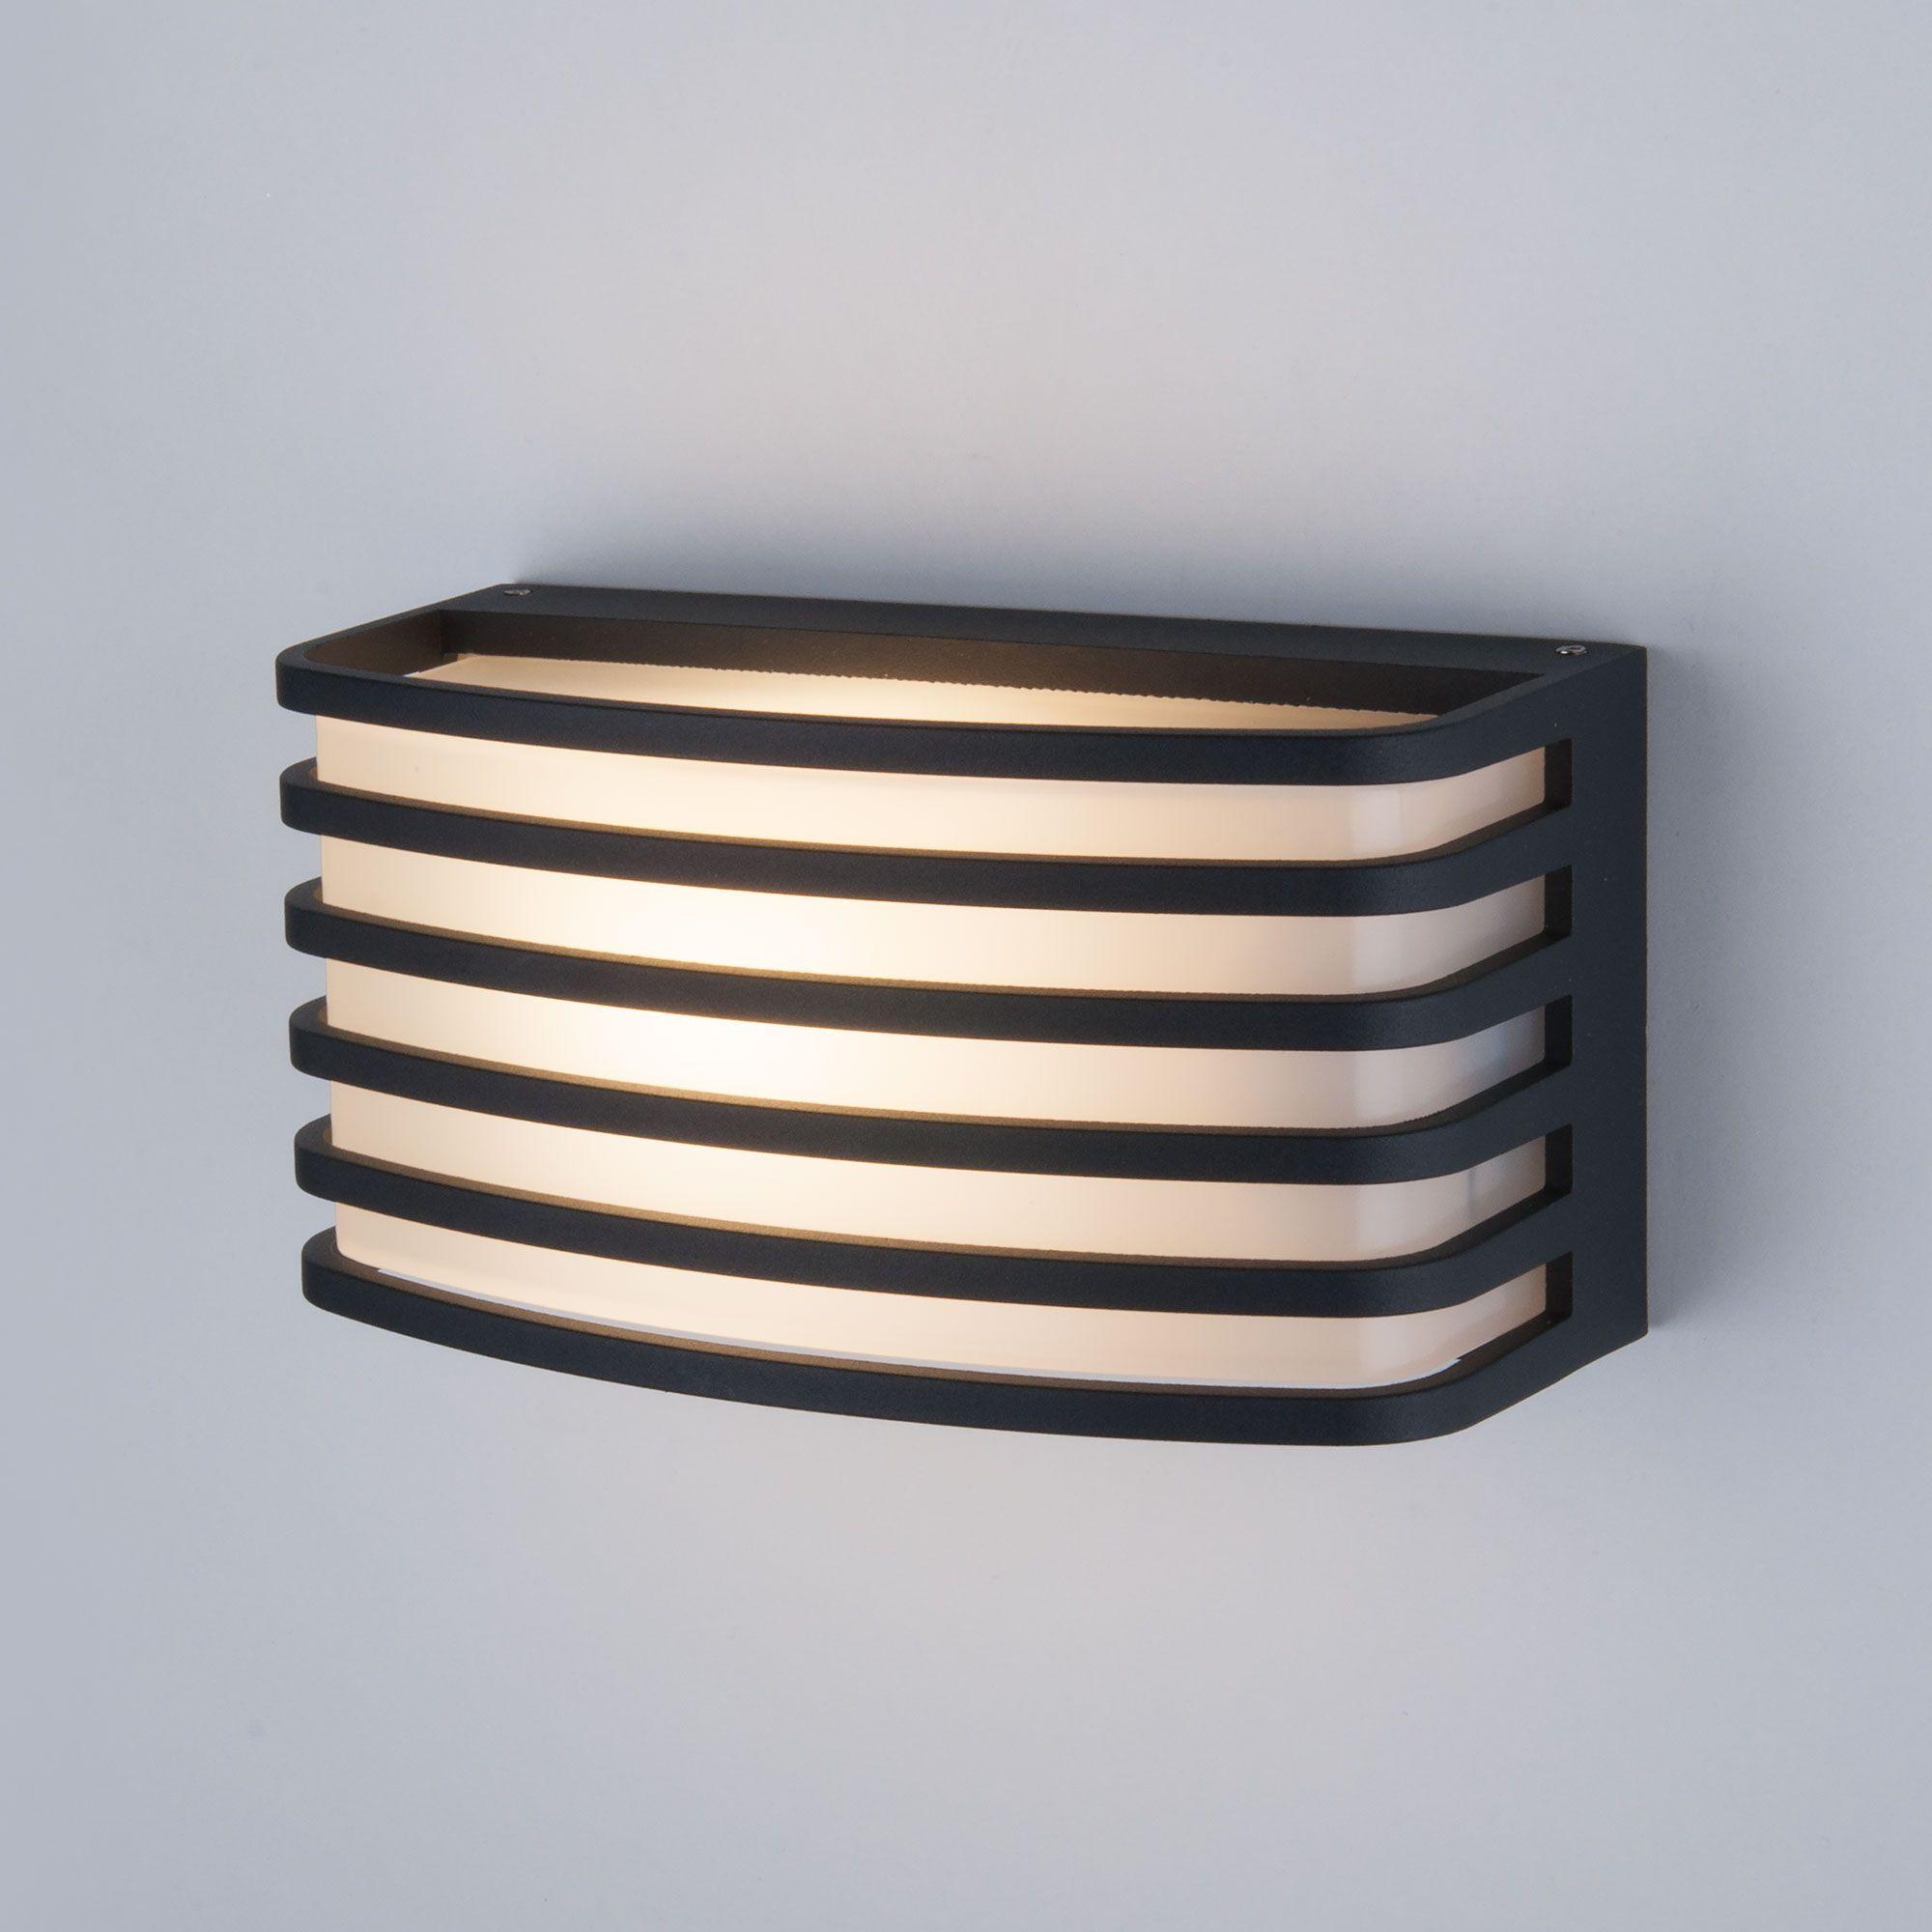 Уличный настенный светильник 1409 TECHNO чёрный